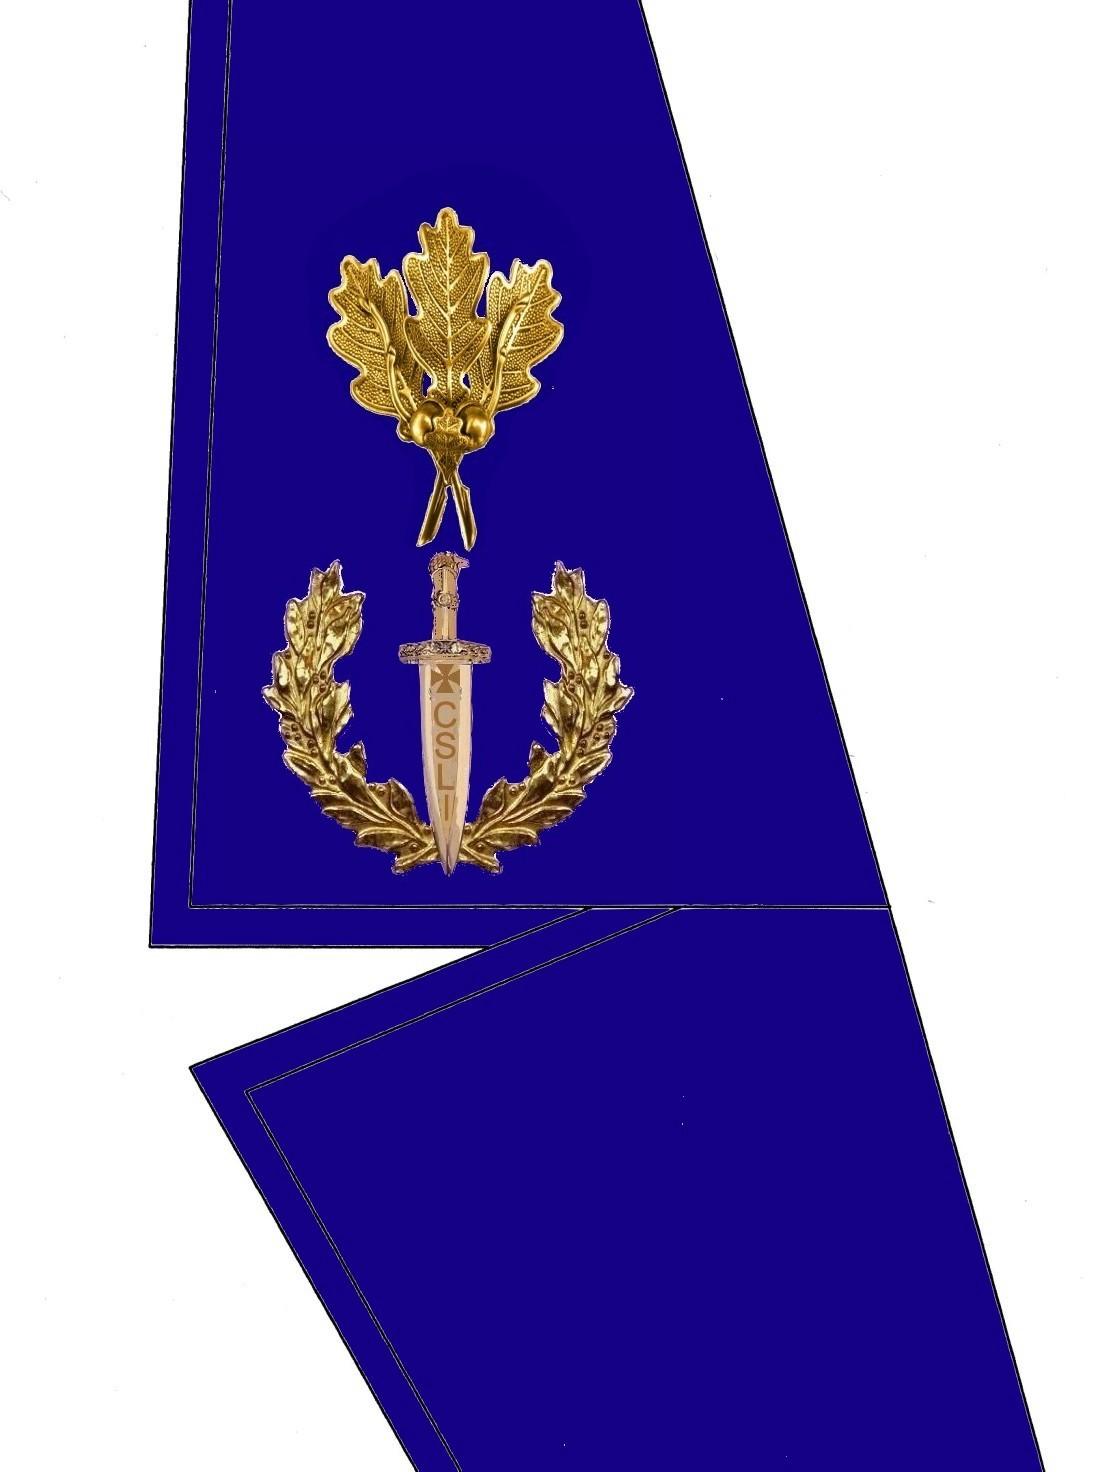 0106-kragen-rangabzeichen-sonderbotschafter-hg-blau